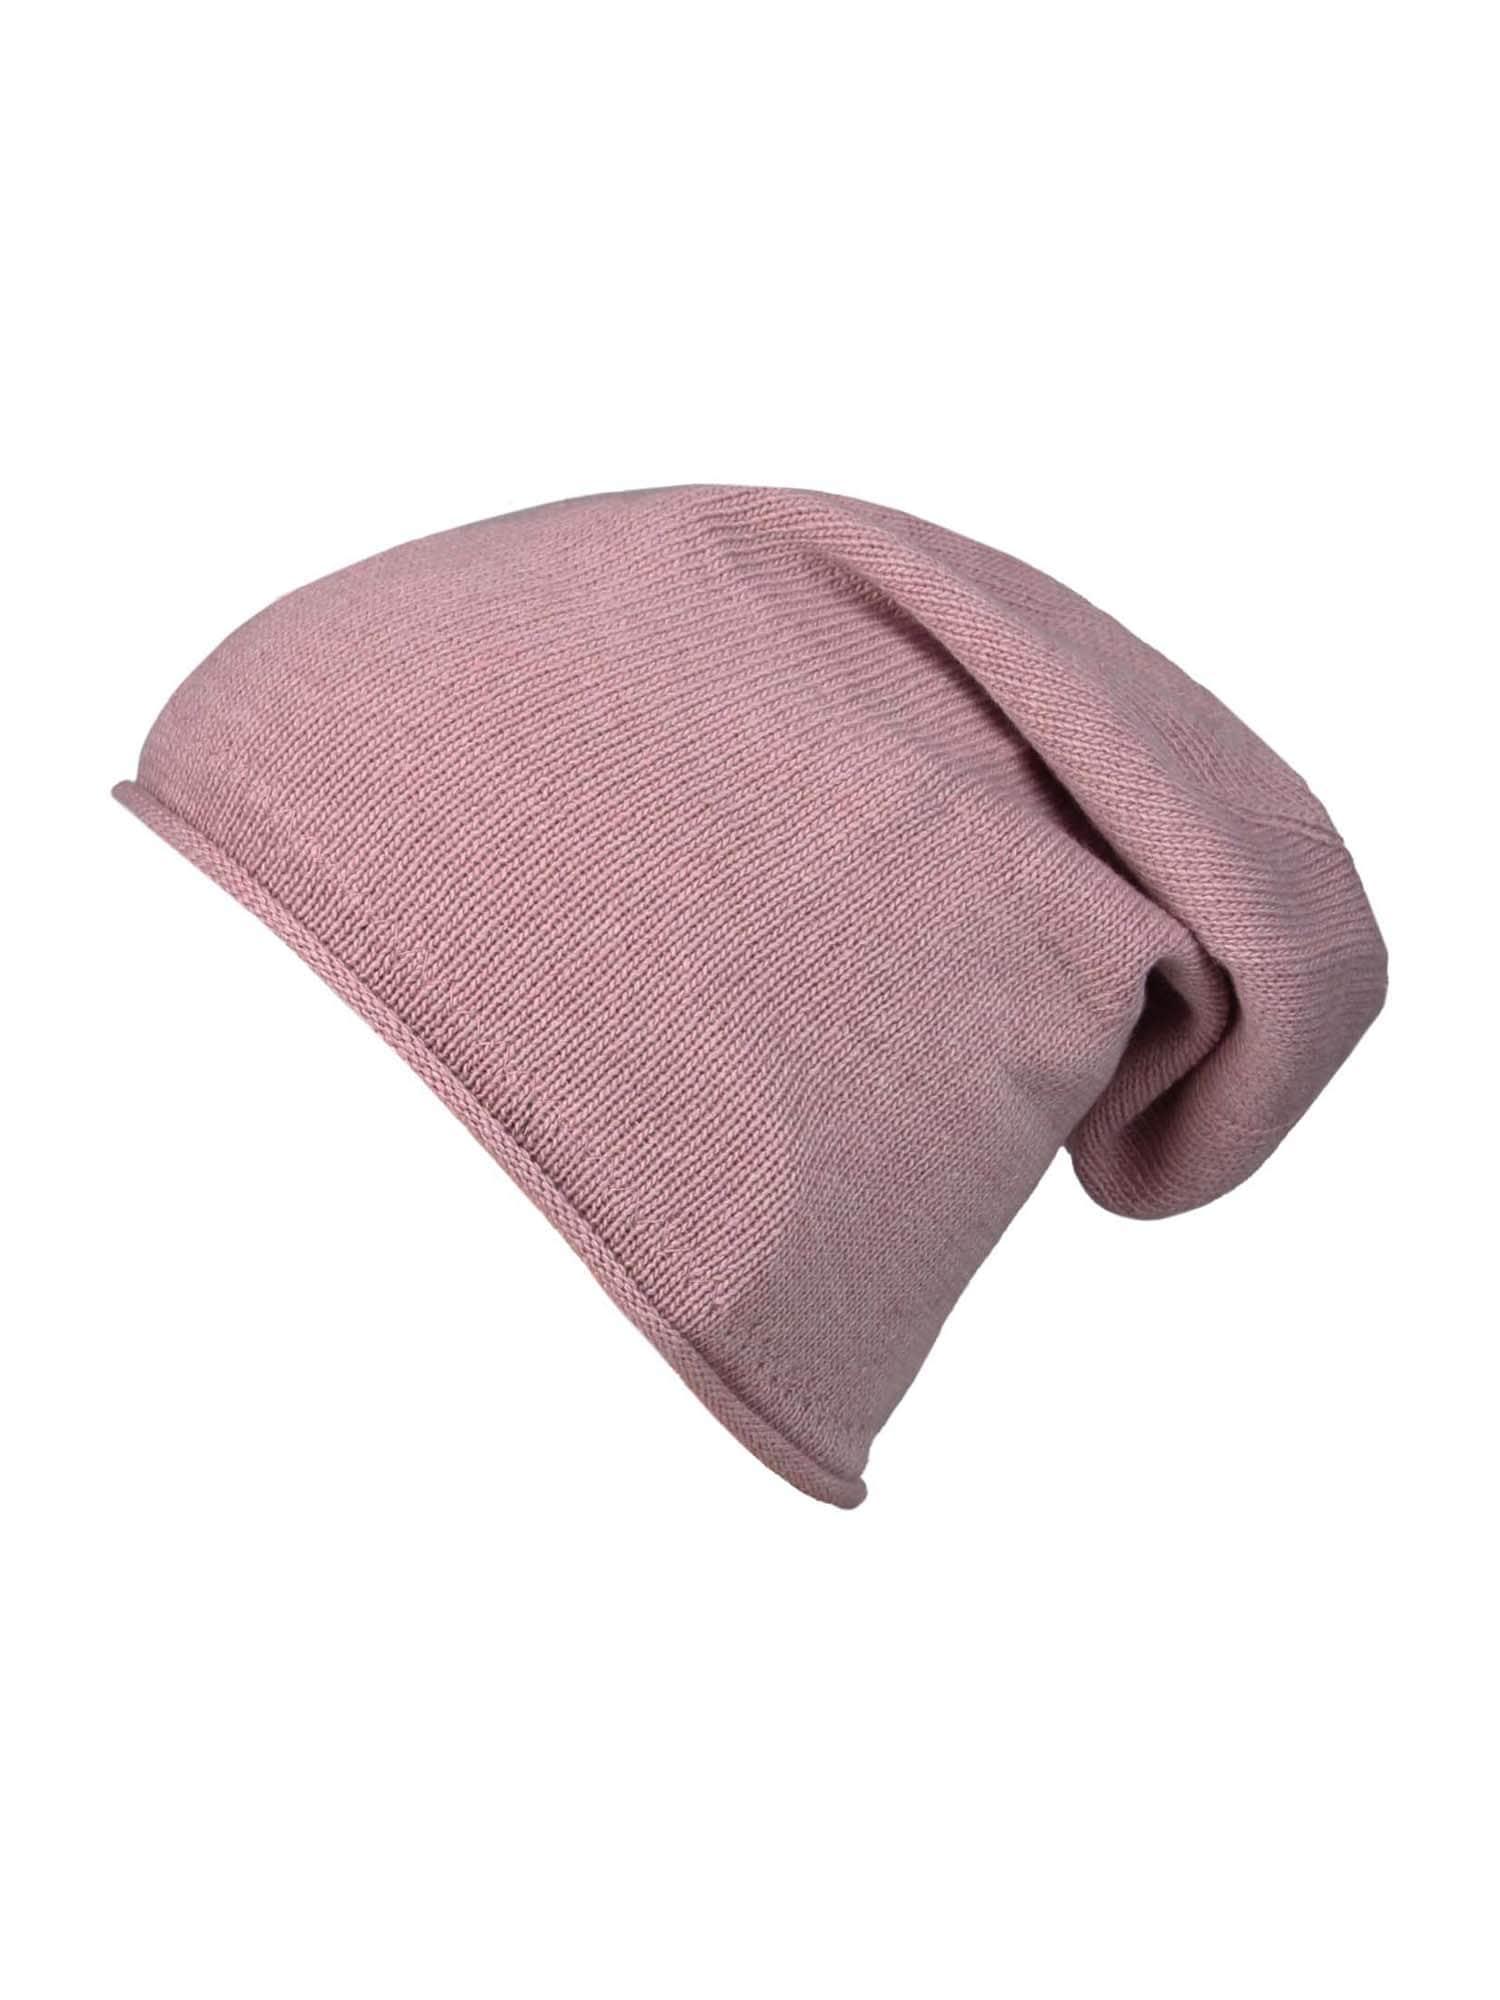 Zwillingsherz Megzta kepurė ryškiai rožinė spalva